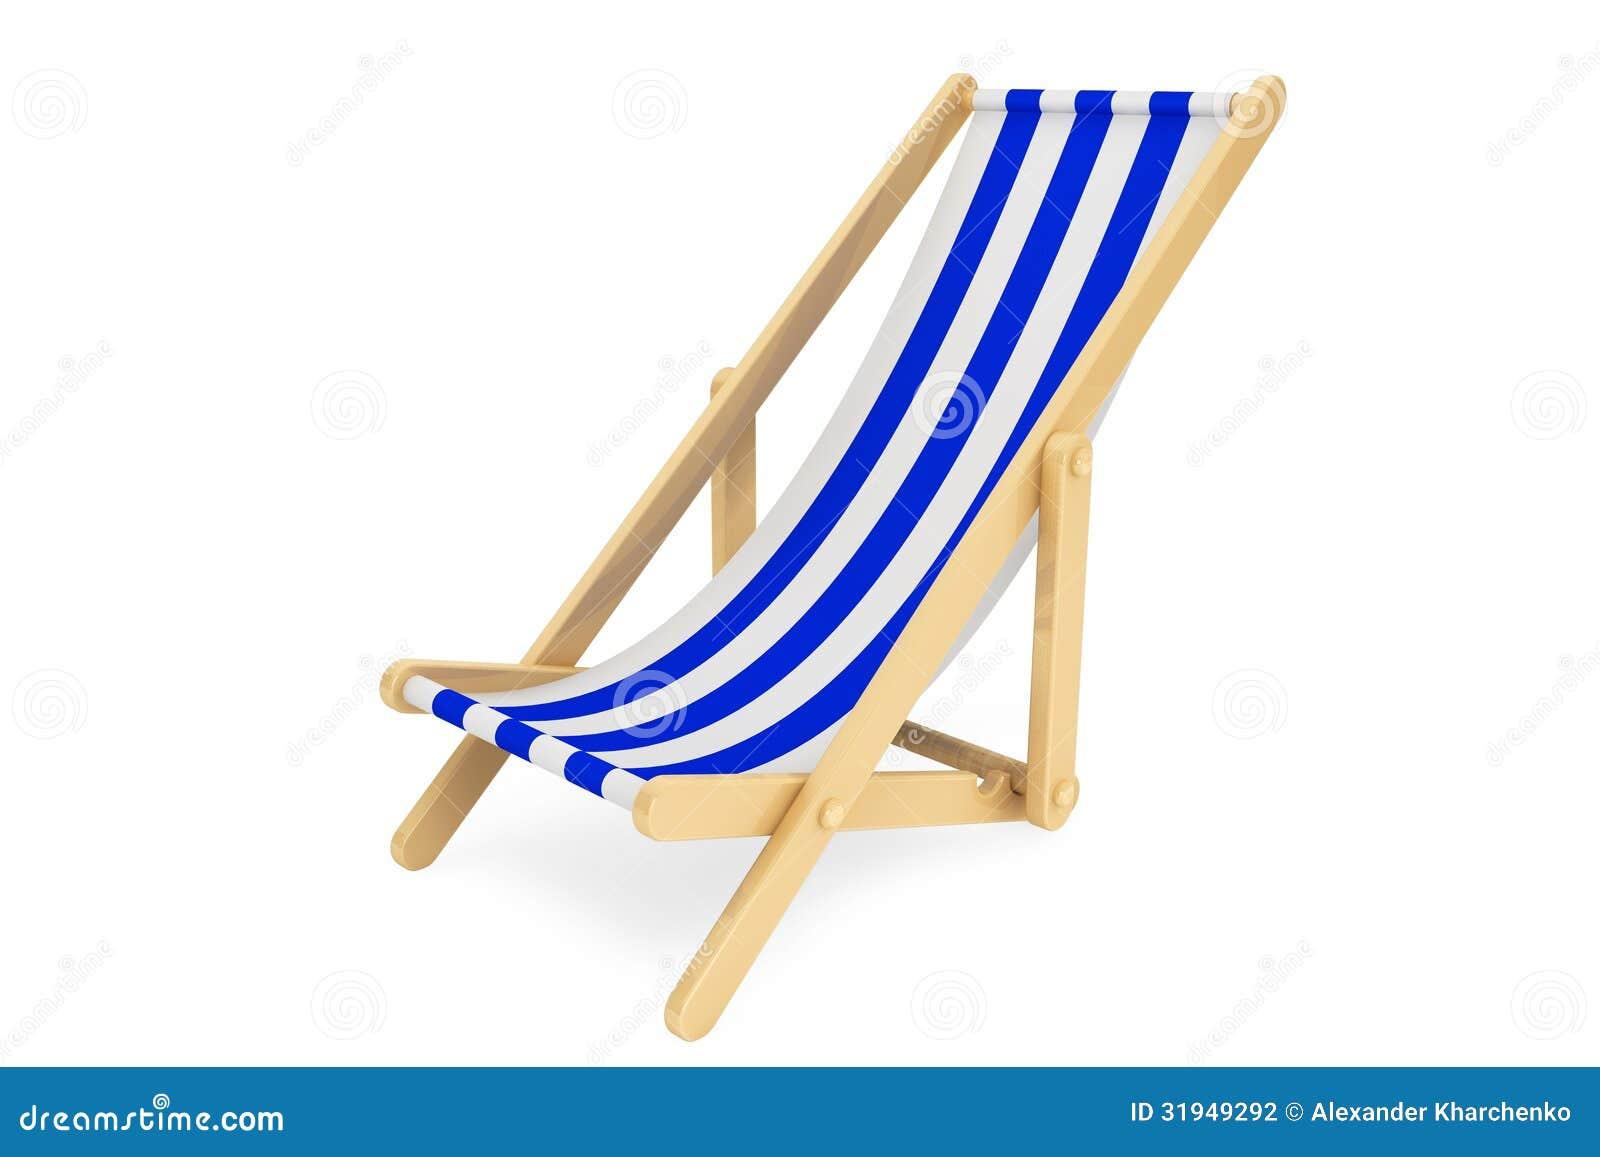 chaise de plage 3d photographie stock image 31949292. Black Bedroom Furniture Sets. Home Design Ideas